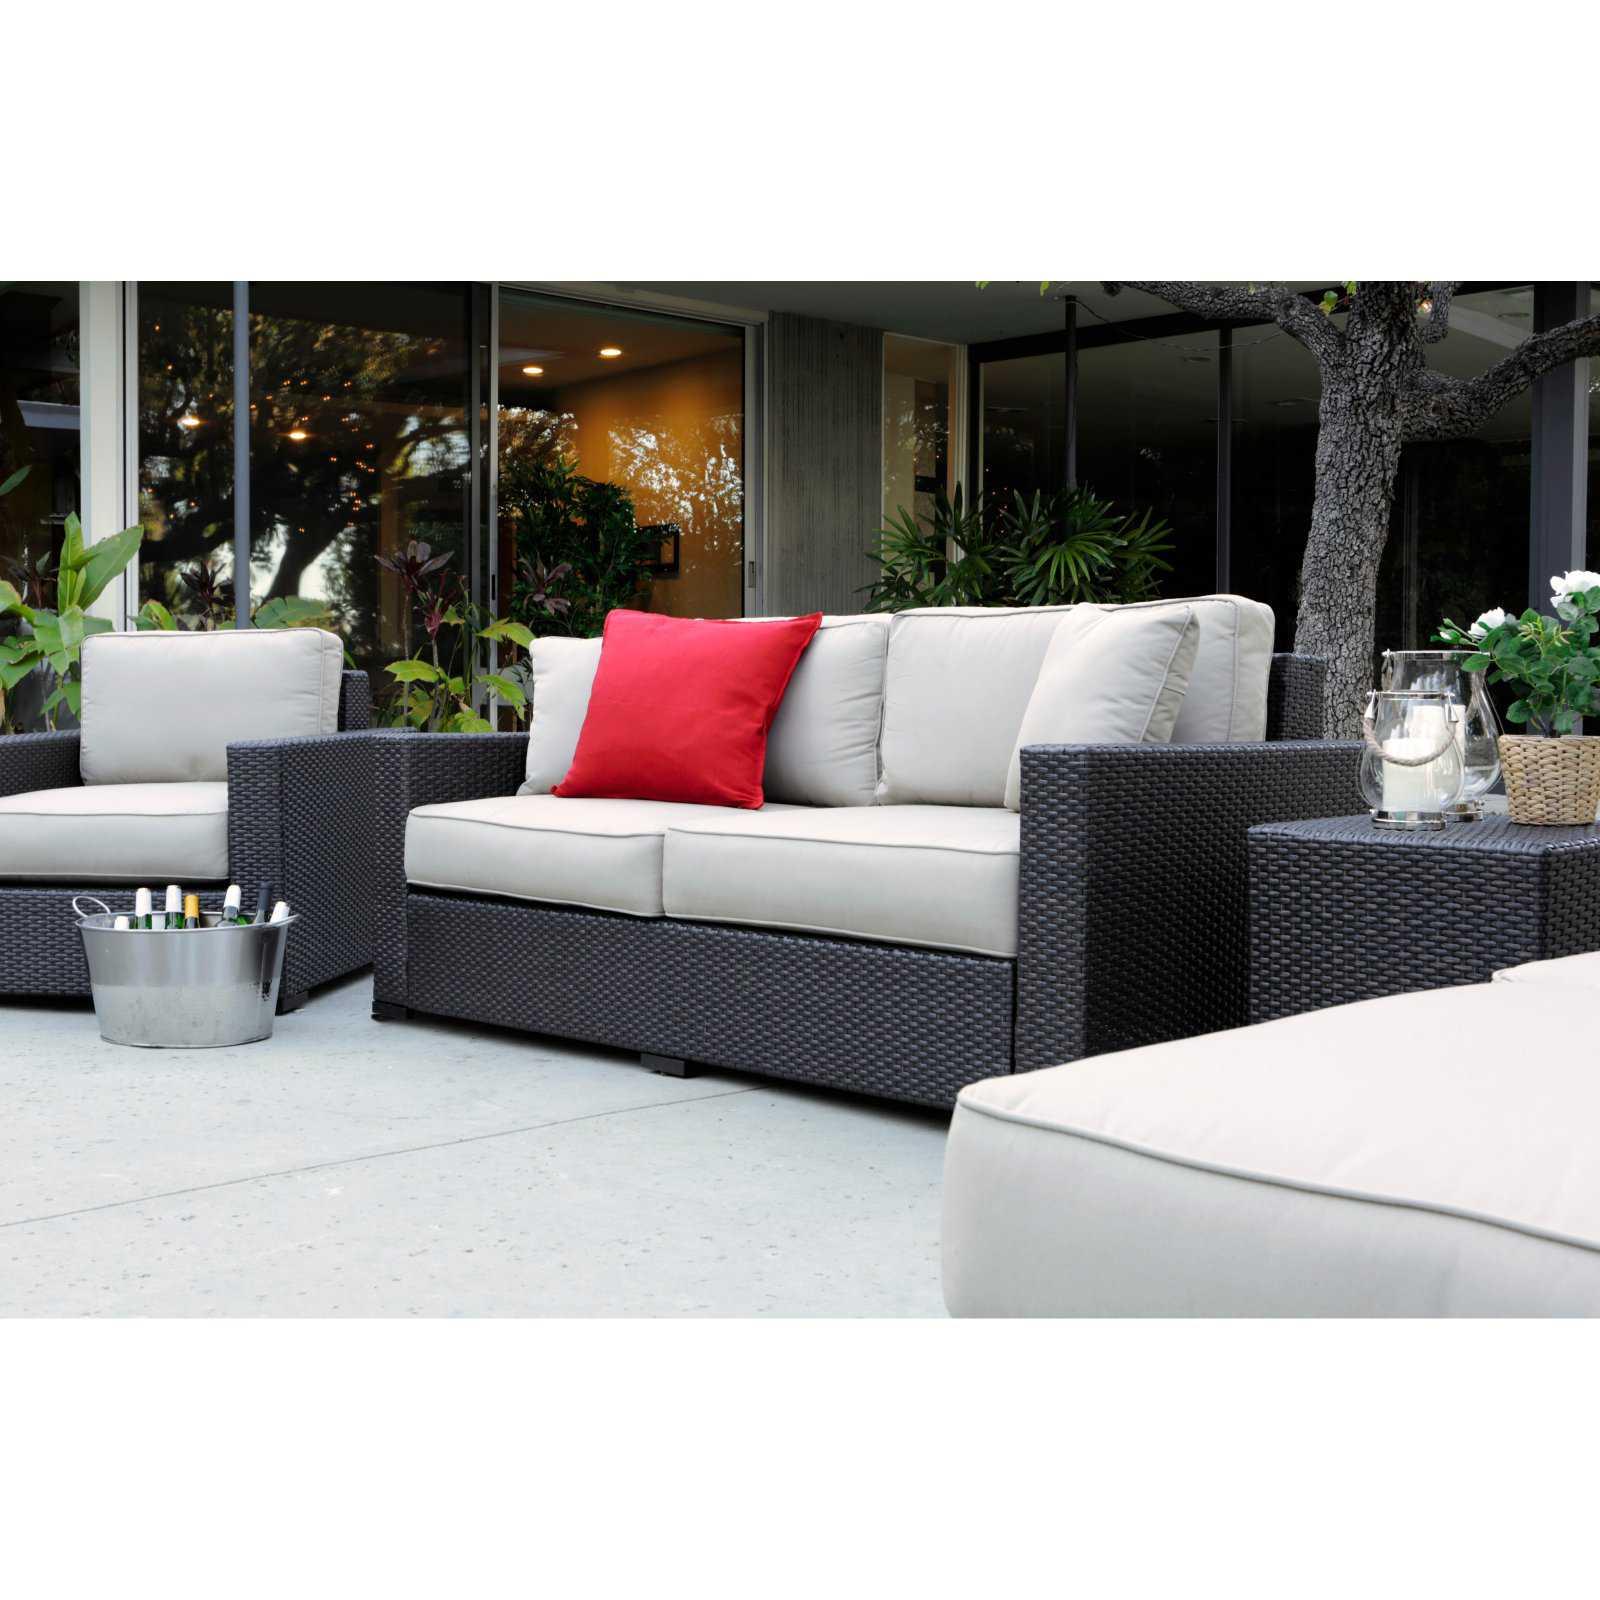 Serta Laguna Outdoor Sofa